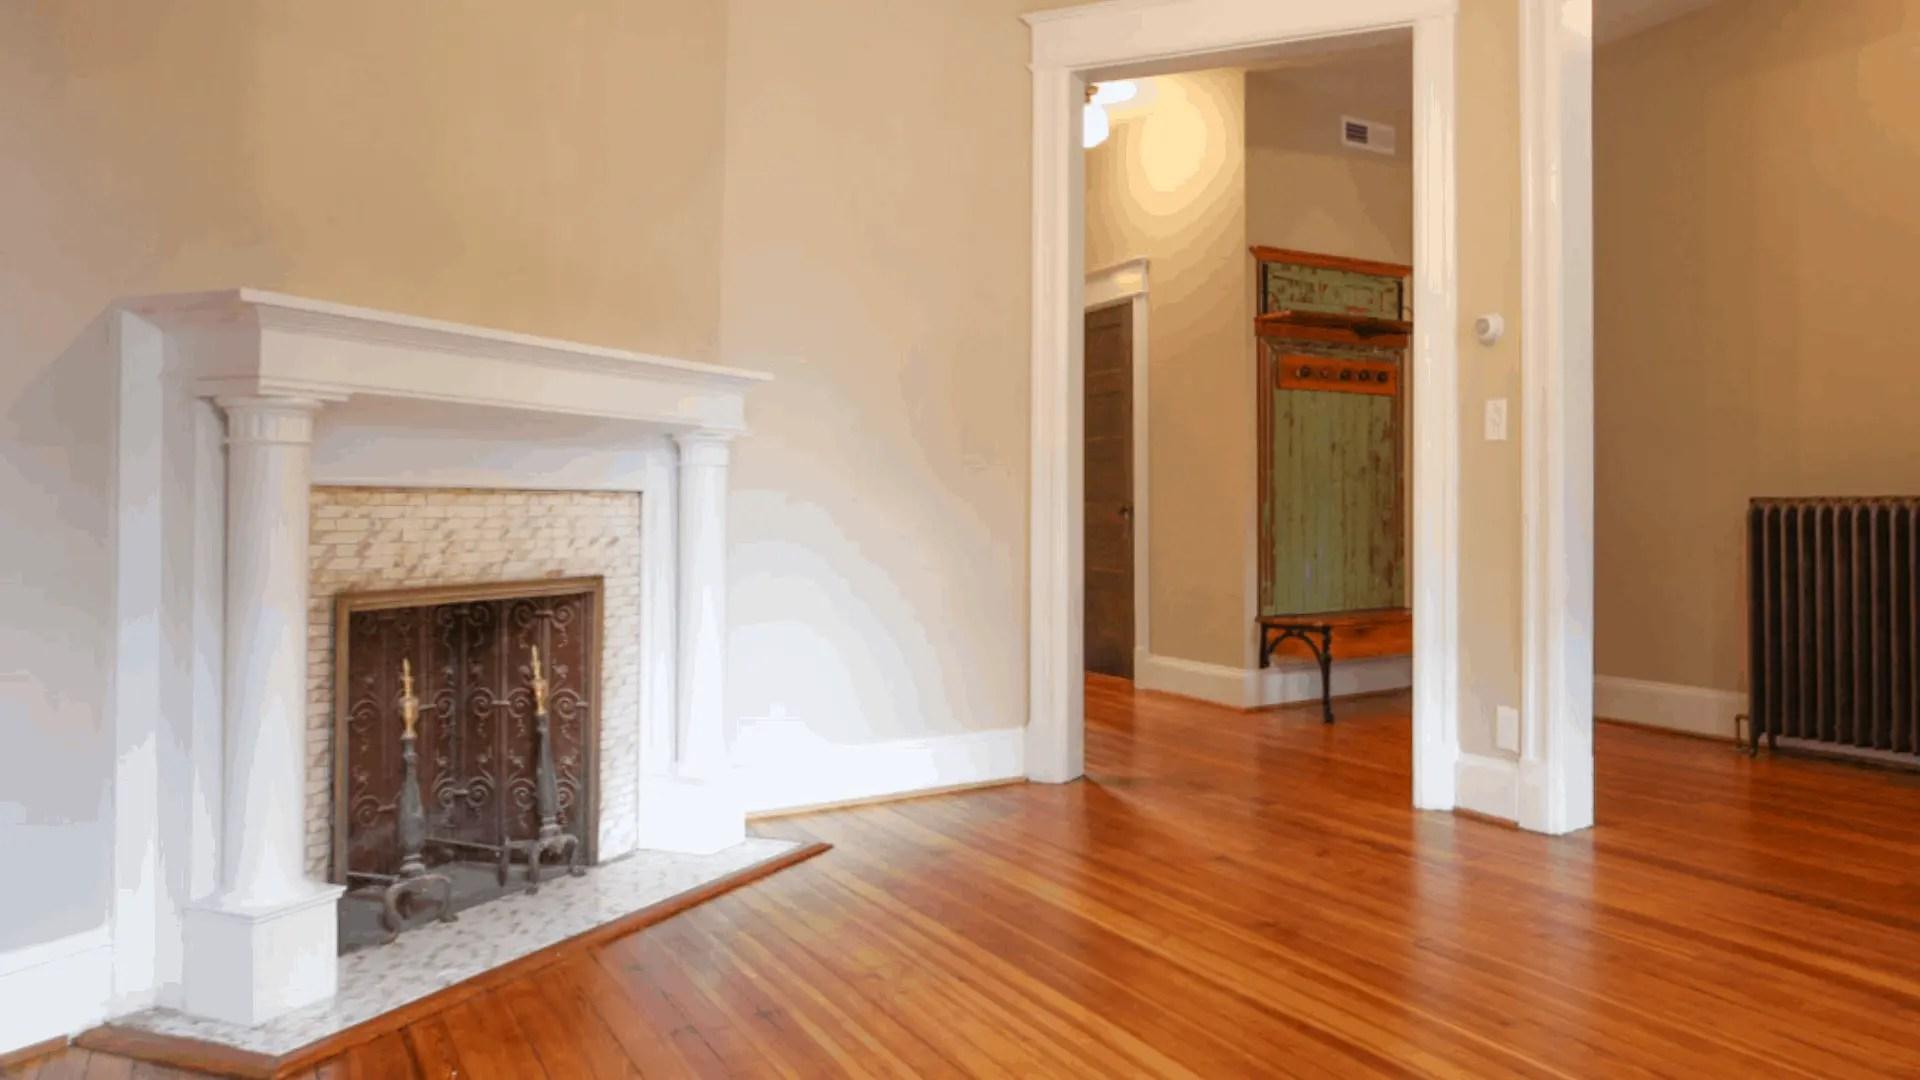 A_SE_fireplace_custom_entry_1920x1080